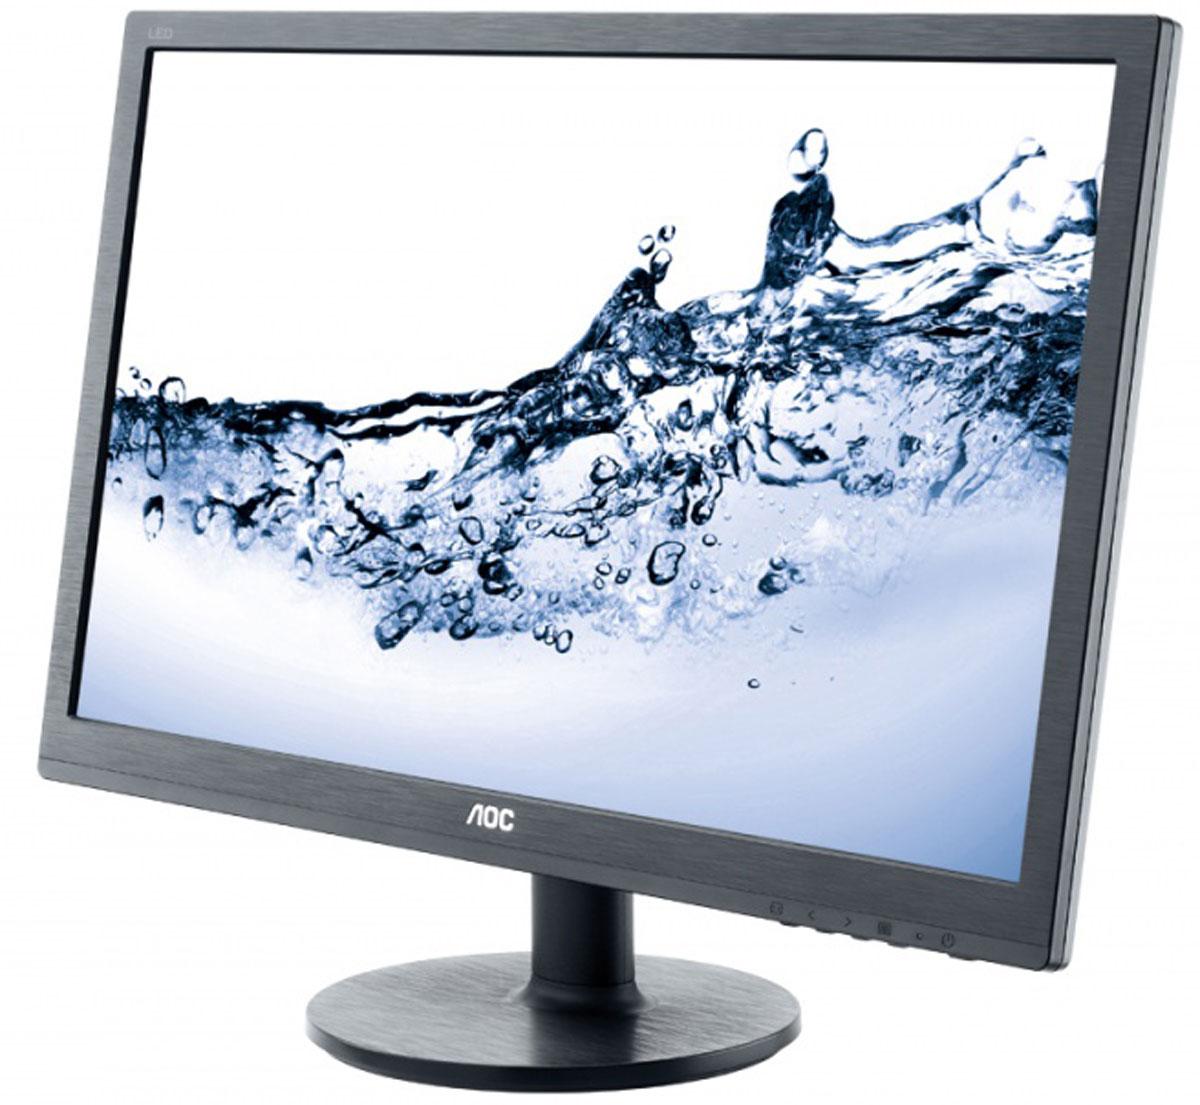 AOC e2460Sh/01, Black мониторe2460Sh/01Монитор AOC E2460SH с диагональю 24 дюйма разработан с учетом высокой производительности. Сверхмалоевремя отклика 1 мс для смены оттенков – это идеальный выбор для истинных любителей игр,а также для тех, кто работает с графикой, анимацией и видеоредакторами.Благодаря разрешению Full HD от вас не ускользнут даже мельчайшие детали, а впечатляющая динамическаяконтрастность обеспечивает передачу четкого изображения с насыщенными оттенками черного. Встроенные динамики мощностью 2 Вт передают кристально чистый звук при просмотре фильмов, прослушивании музыки или во время видеозвонков.Подставка позволяет легко наклонить экран в удобное положение, а крепление VESA служит для монтажа настену. Разъемы VGA, DVI и HDMI позволяют легко подключить несколько компьютеров и периферийных устройств.Благодаря интеллектуальным функция экономии энергии, таким как подсветка W-LED, этот монитор получил сертификат EPEAT Gold.Энергоэффективная светодиодная подсветка, высокая контрастность и сверхмалое время отклика гарантируютчеткость и реалистичность изображения без двоения и размытия. Удобные встроенные динамики обеспечивают насыщенное четкое звучание.